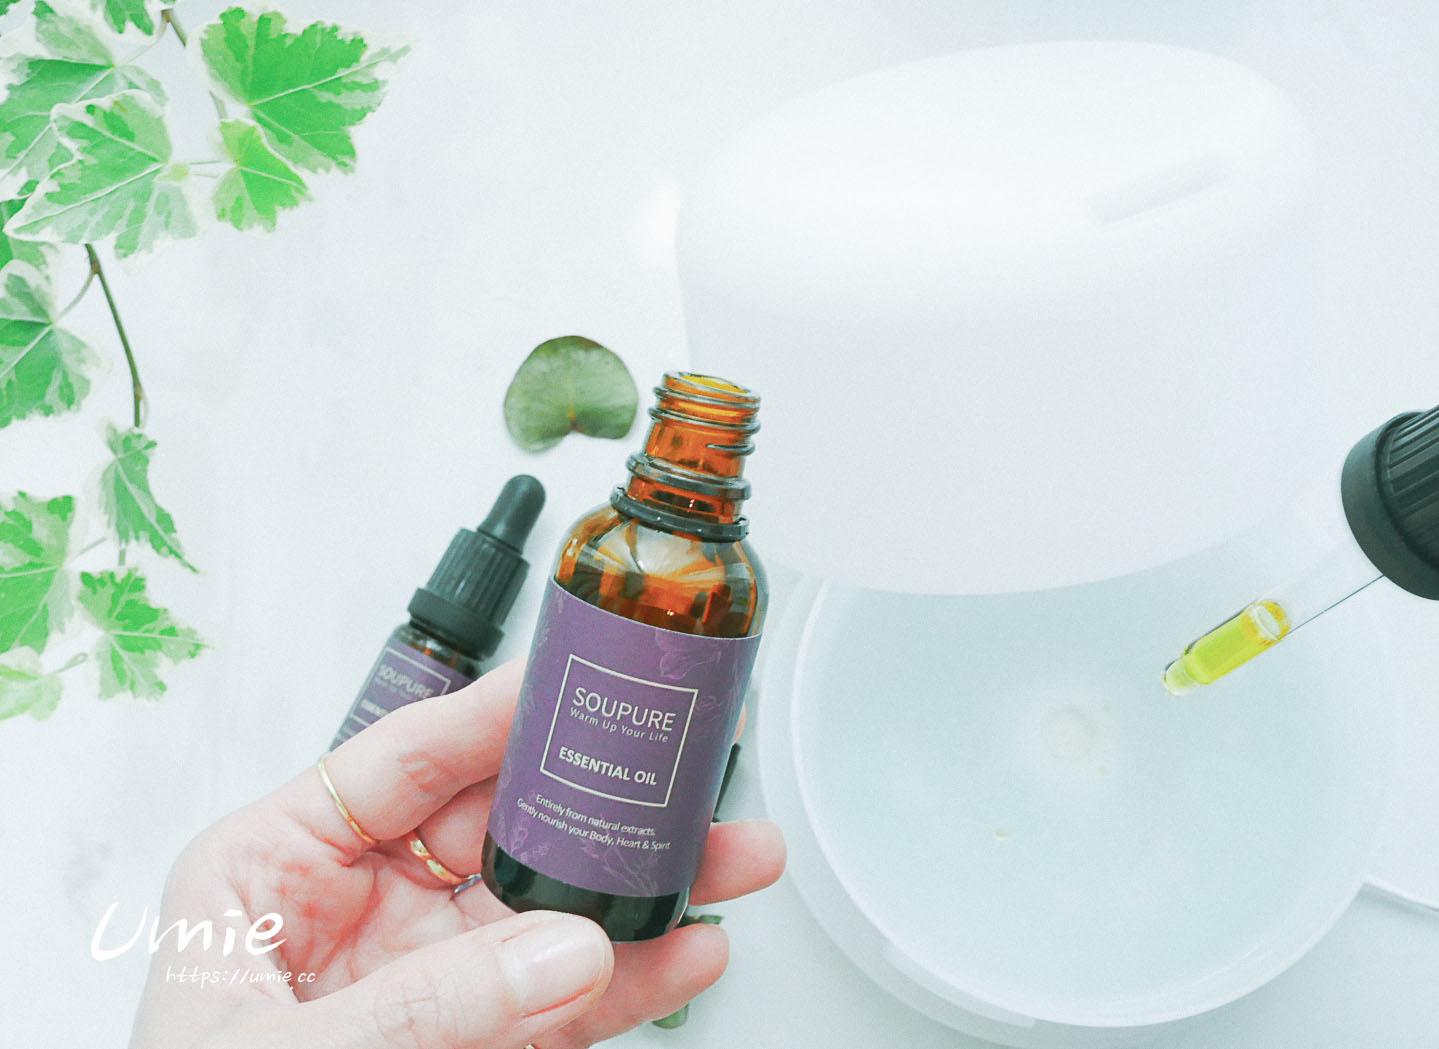 SOUPURE 溯璞居家香氛精油組合團購來了!讓待在家裡就是療癒,打造舒適放鬆的「家的味道」!